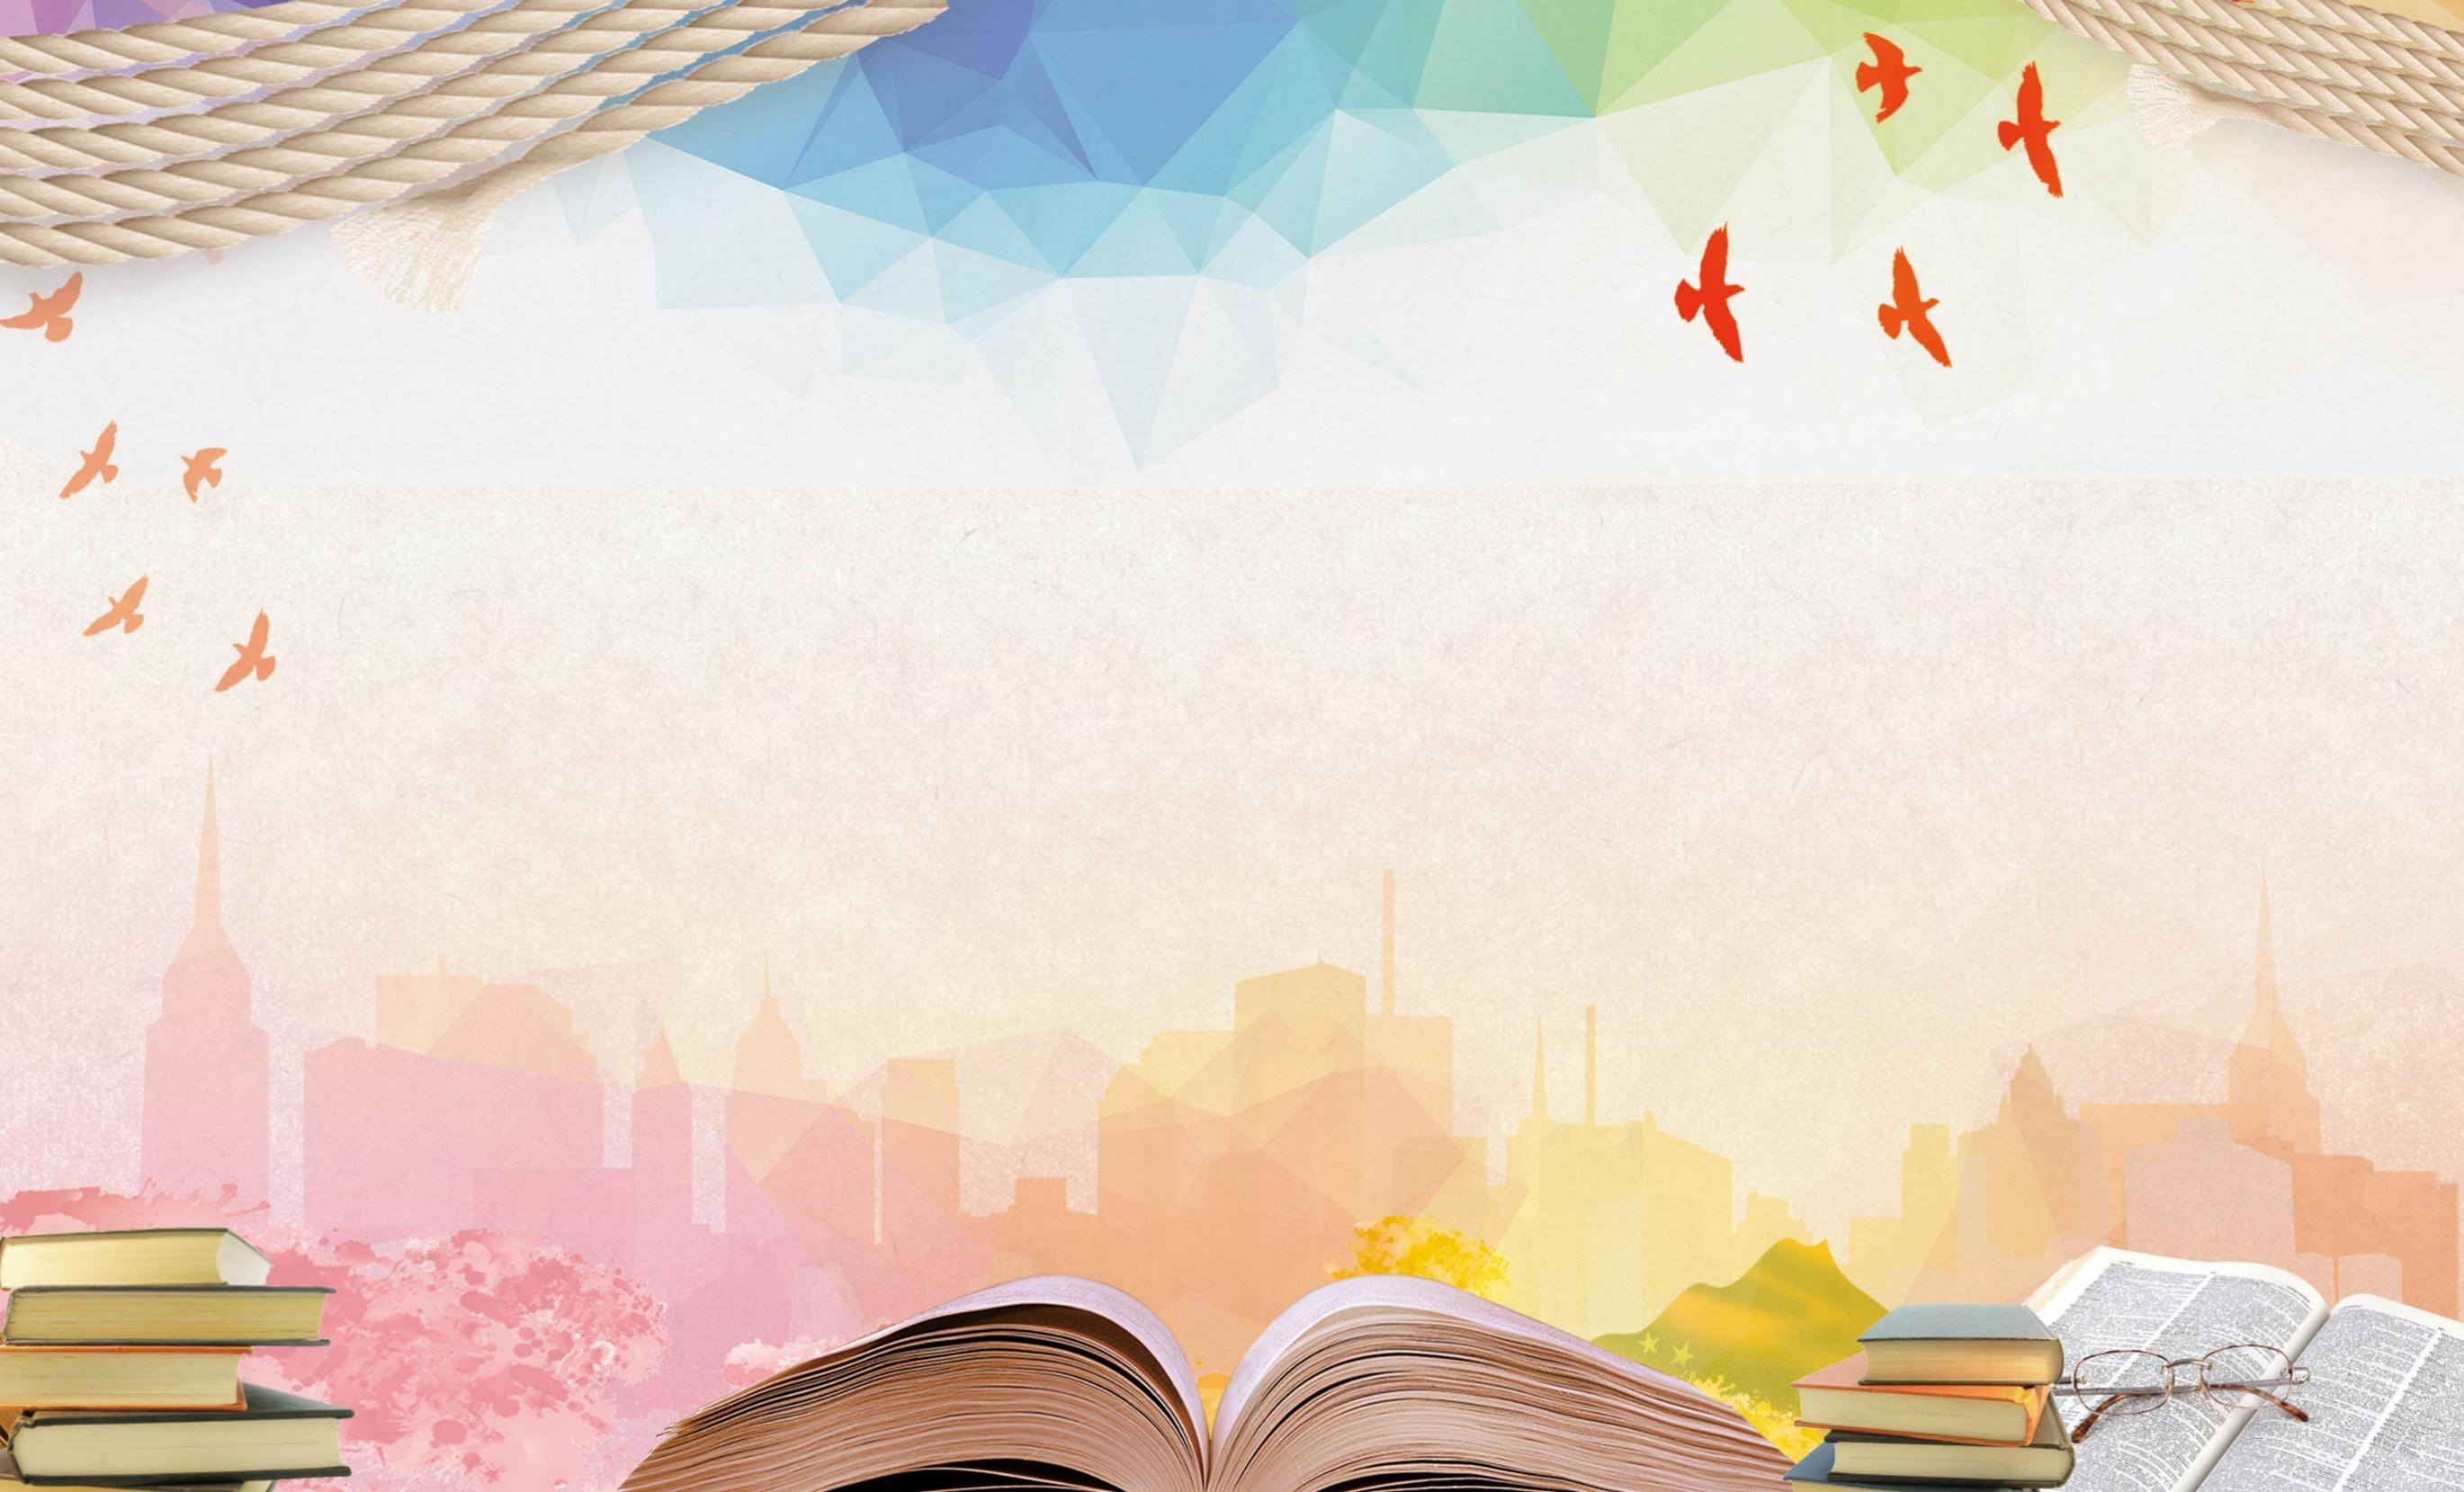 Фон для презентации с детьми и книгой